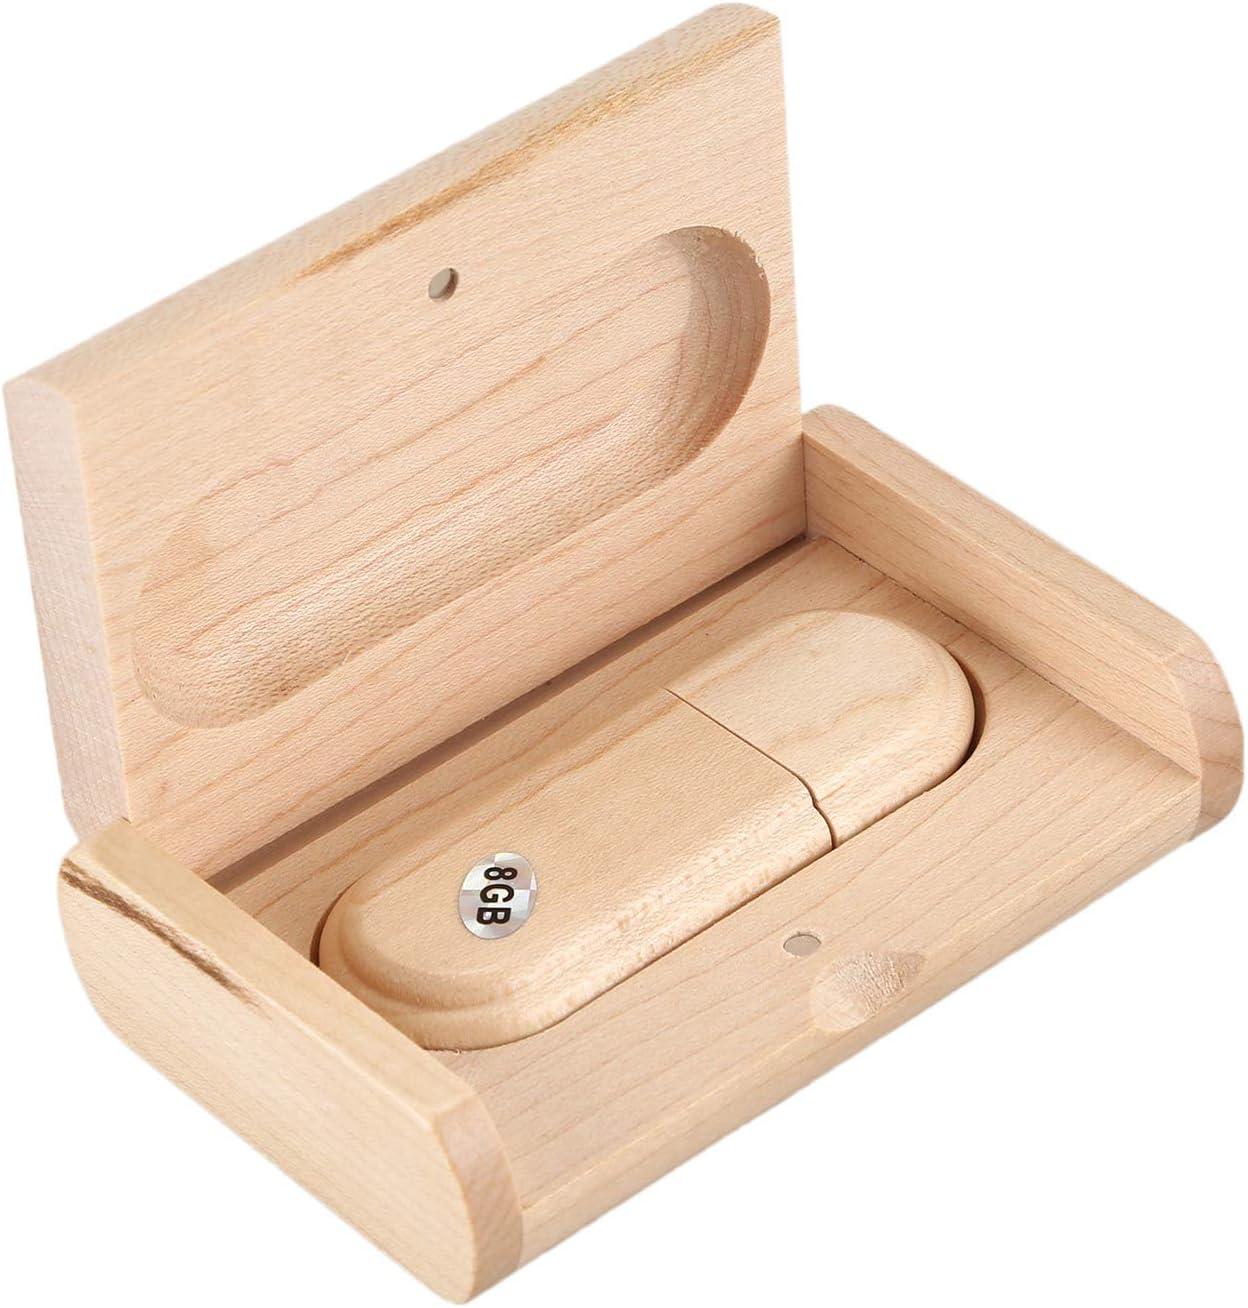 Cikuso De Madera Disco USB U De Memoria De La Unidad De Memoria Flash Stick del Disco U con Capacidad De La Caja De Madera: 8G: Amazon.es: Electrónica